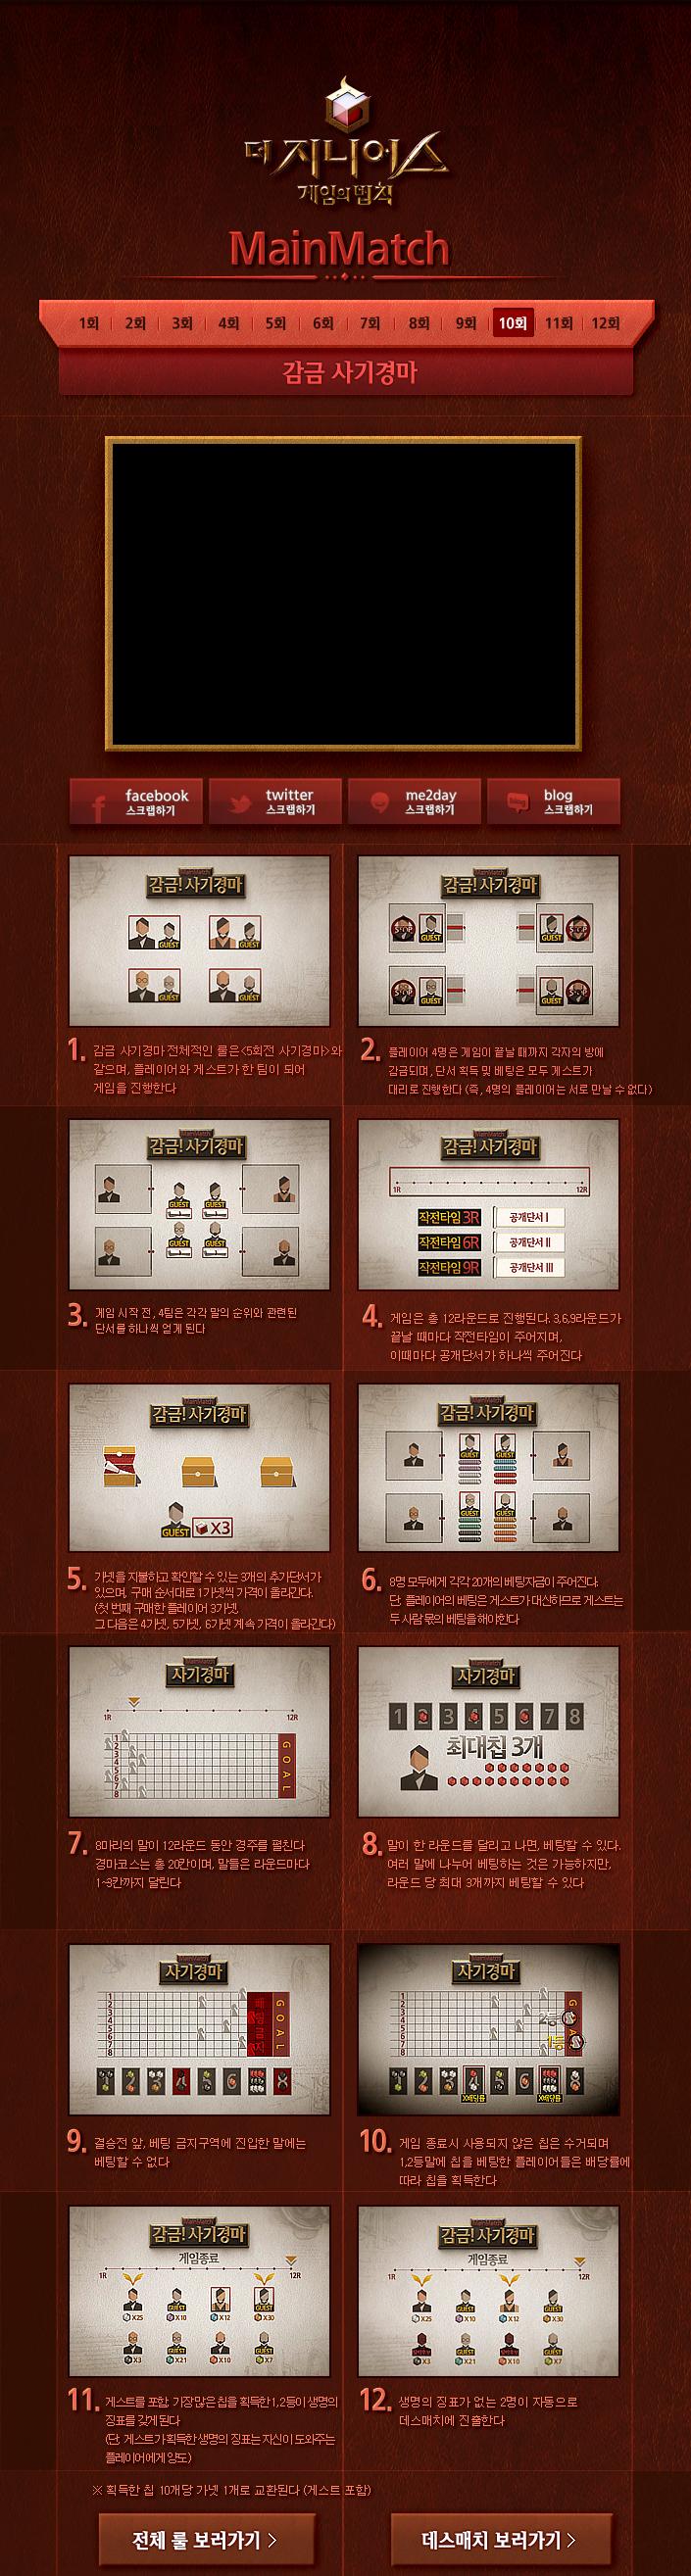 [tvN]더 지니어스:게임의 법칙 10회 메인매치 - 감금! 사기경마